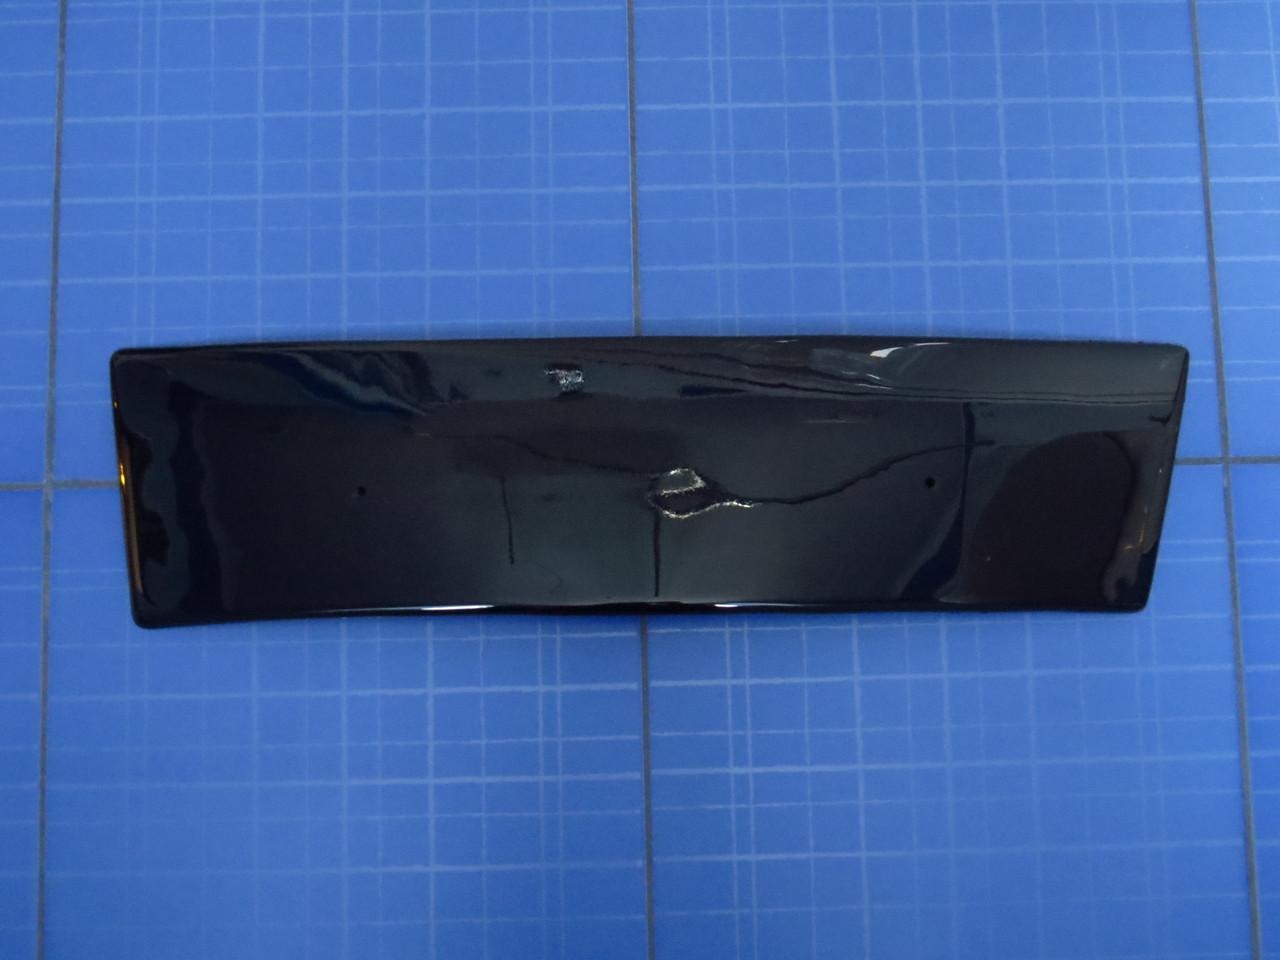 Зимняя заглушка решётки радиатора Фольксваген Кадди низ 2004-2010 глянец Fly. Утеплитель Volkswagen Caddy